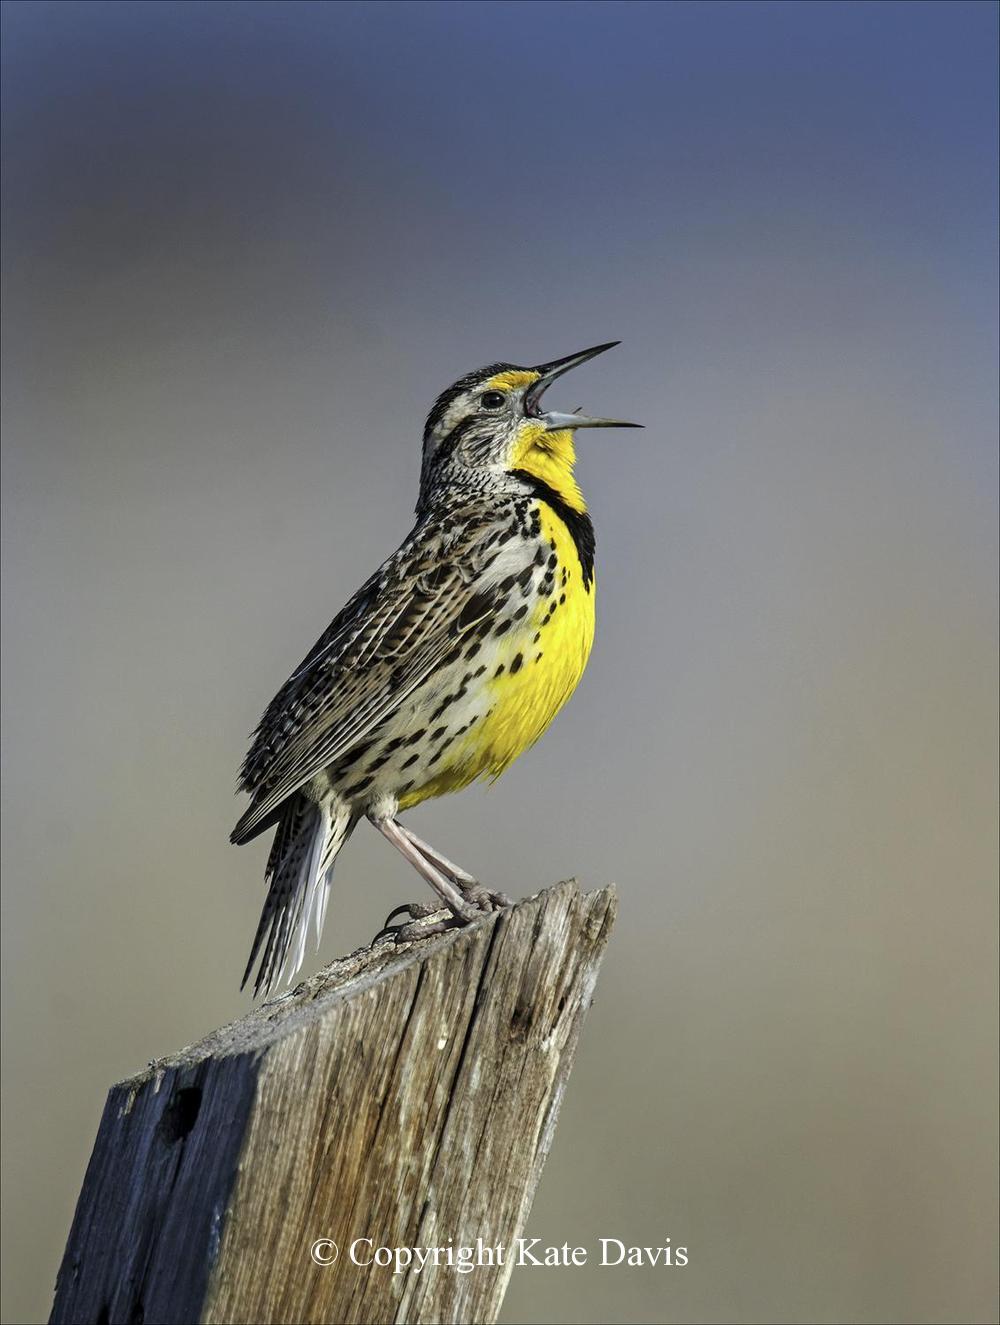 Song Bird Photos - Western Meadowlark - Shore Bird Photos - Western Meadowlark in song at the pole in our driveway